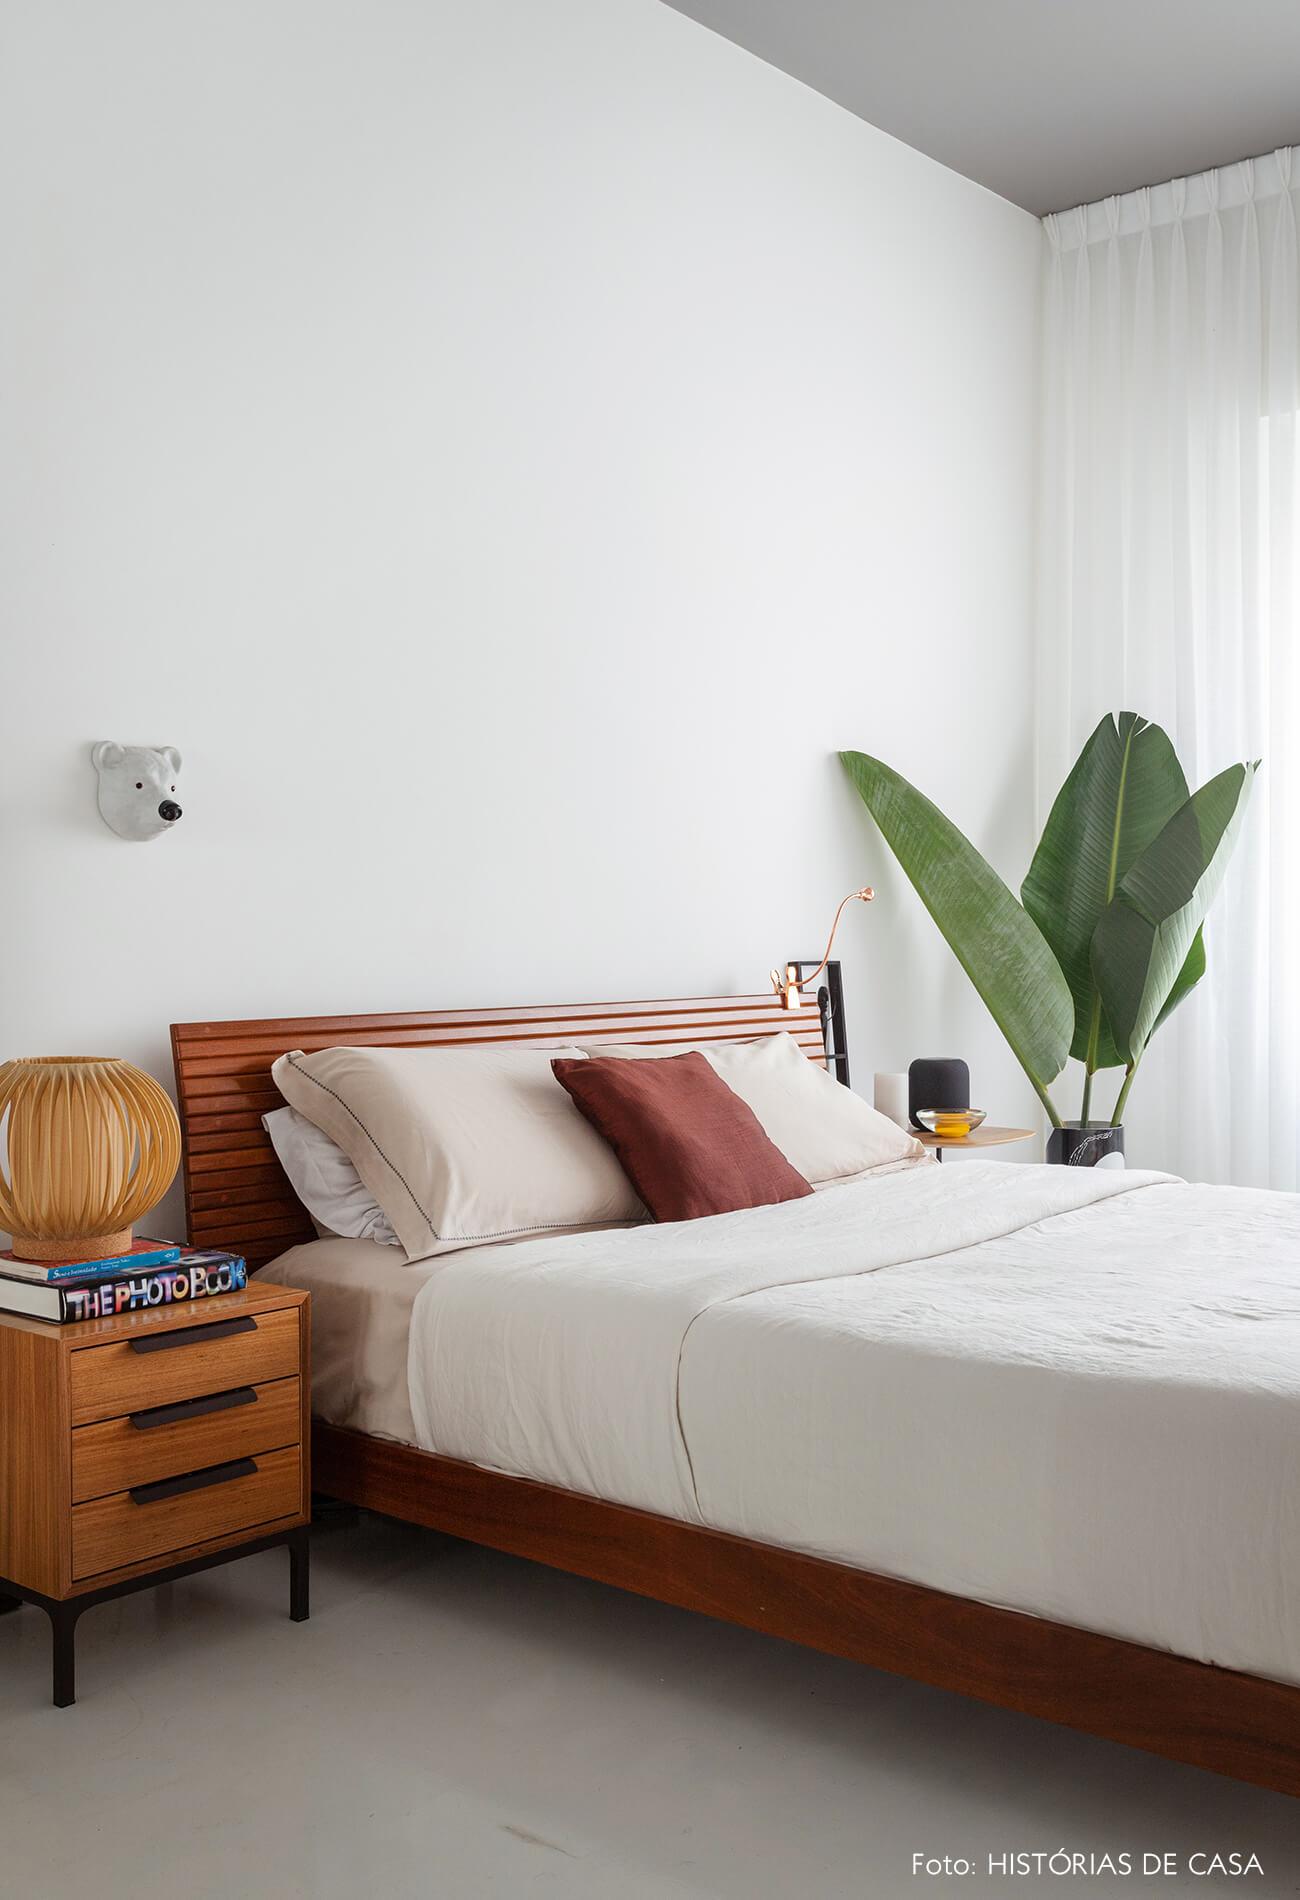 Apartamento escandinavo, quarto com móveis de madeira e teto pintado de cinza